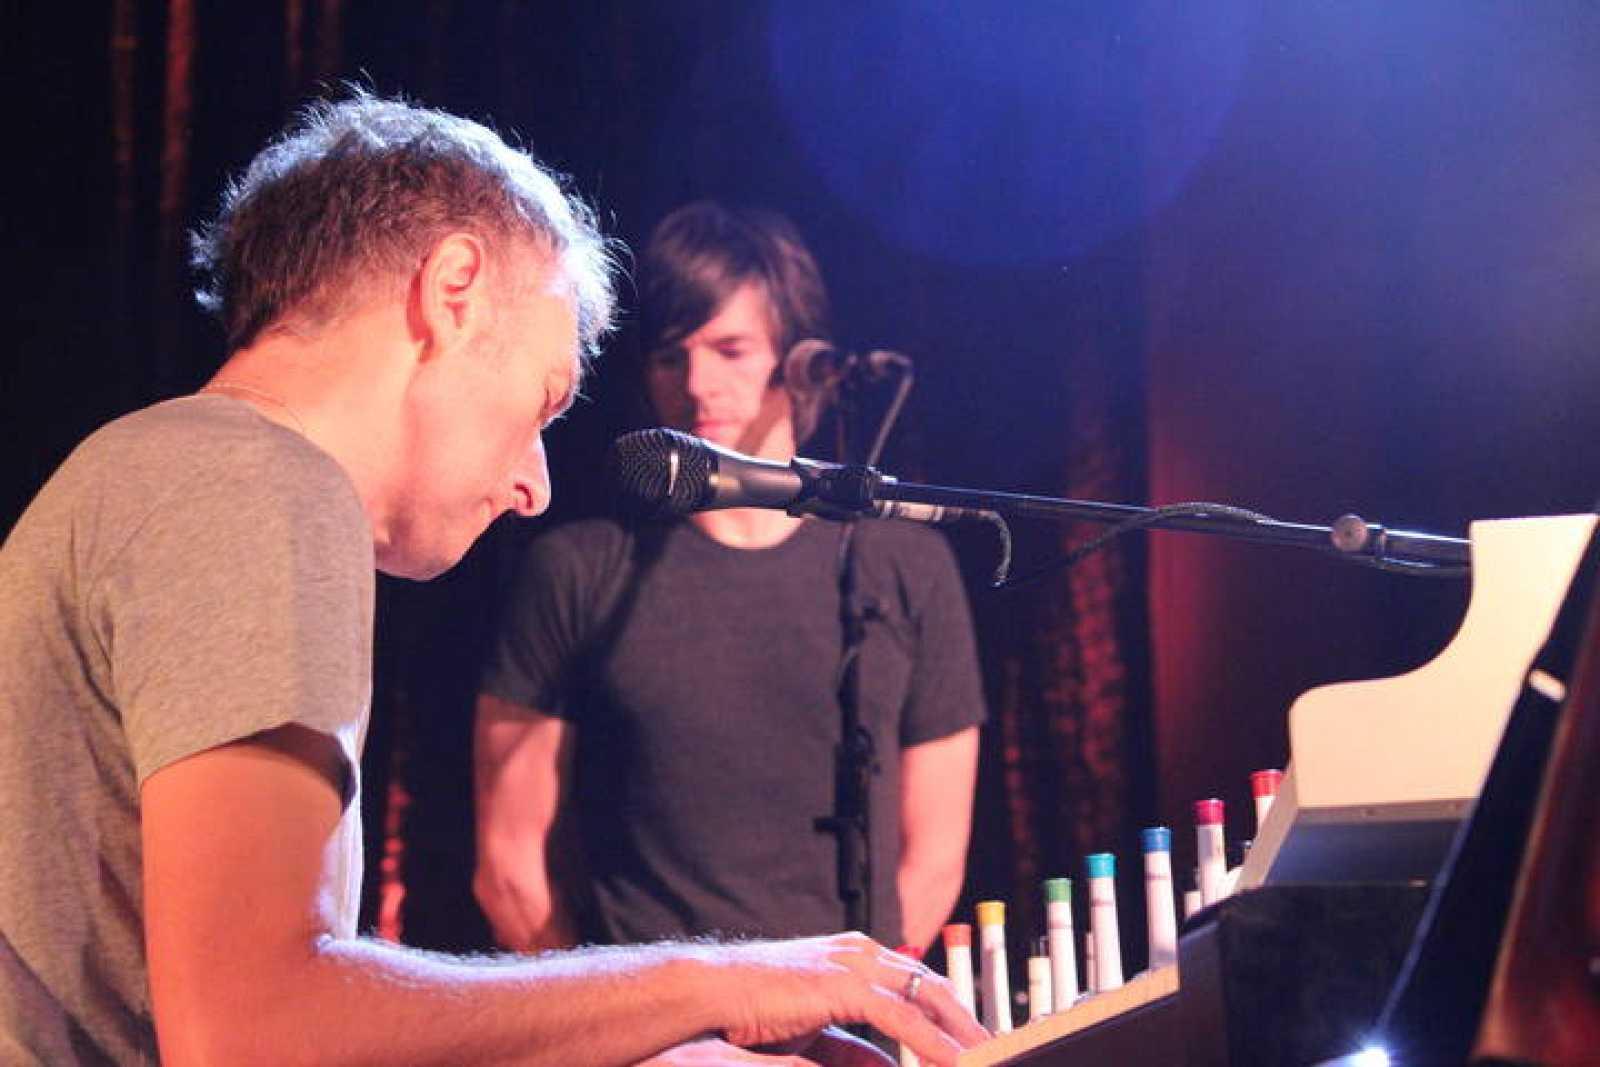 El músico y compositor Yann Tiersen en concierto en la sala La Riviera de Madrid.